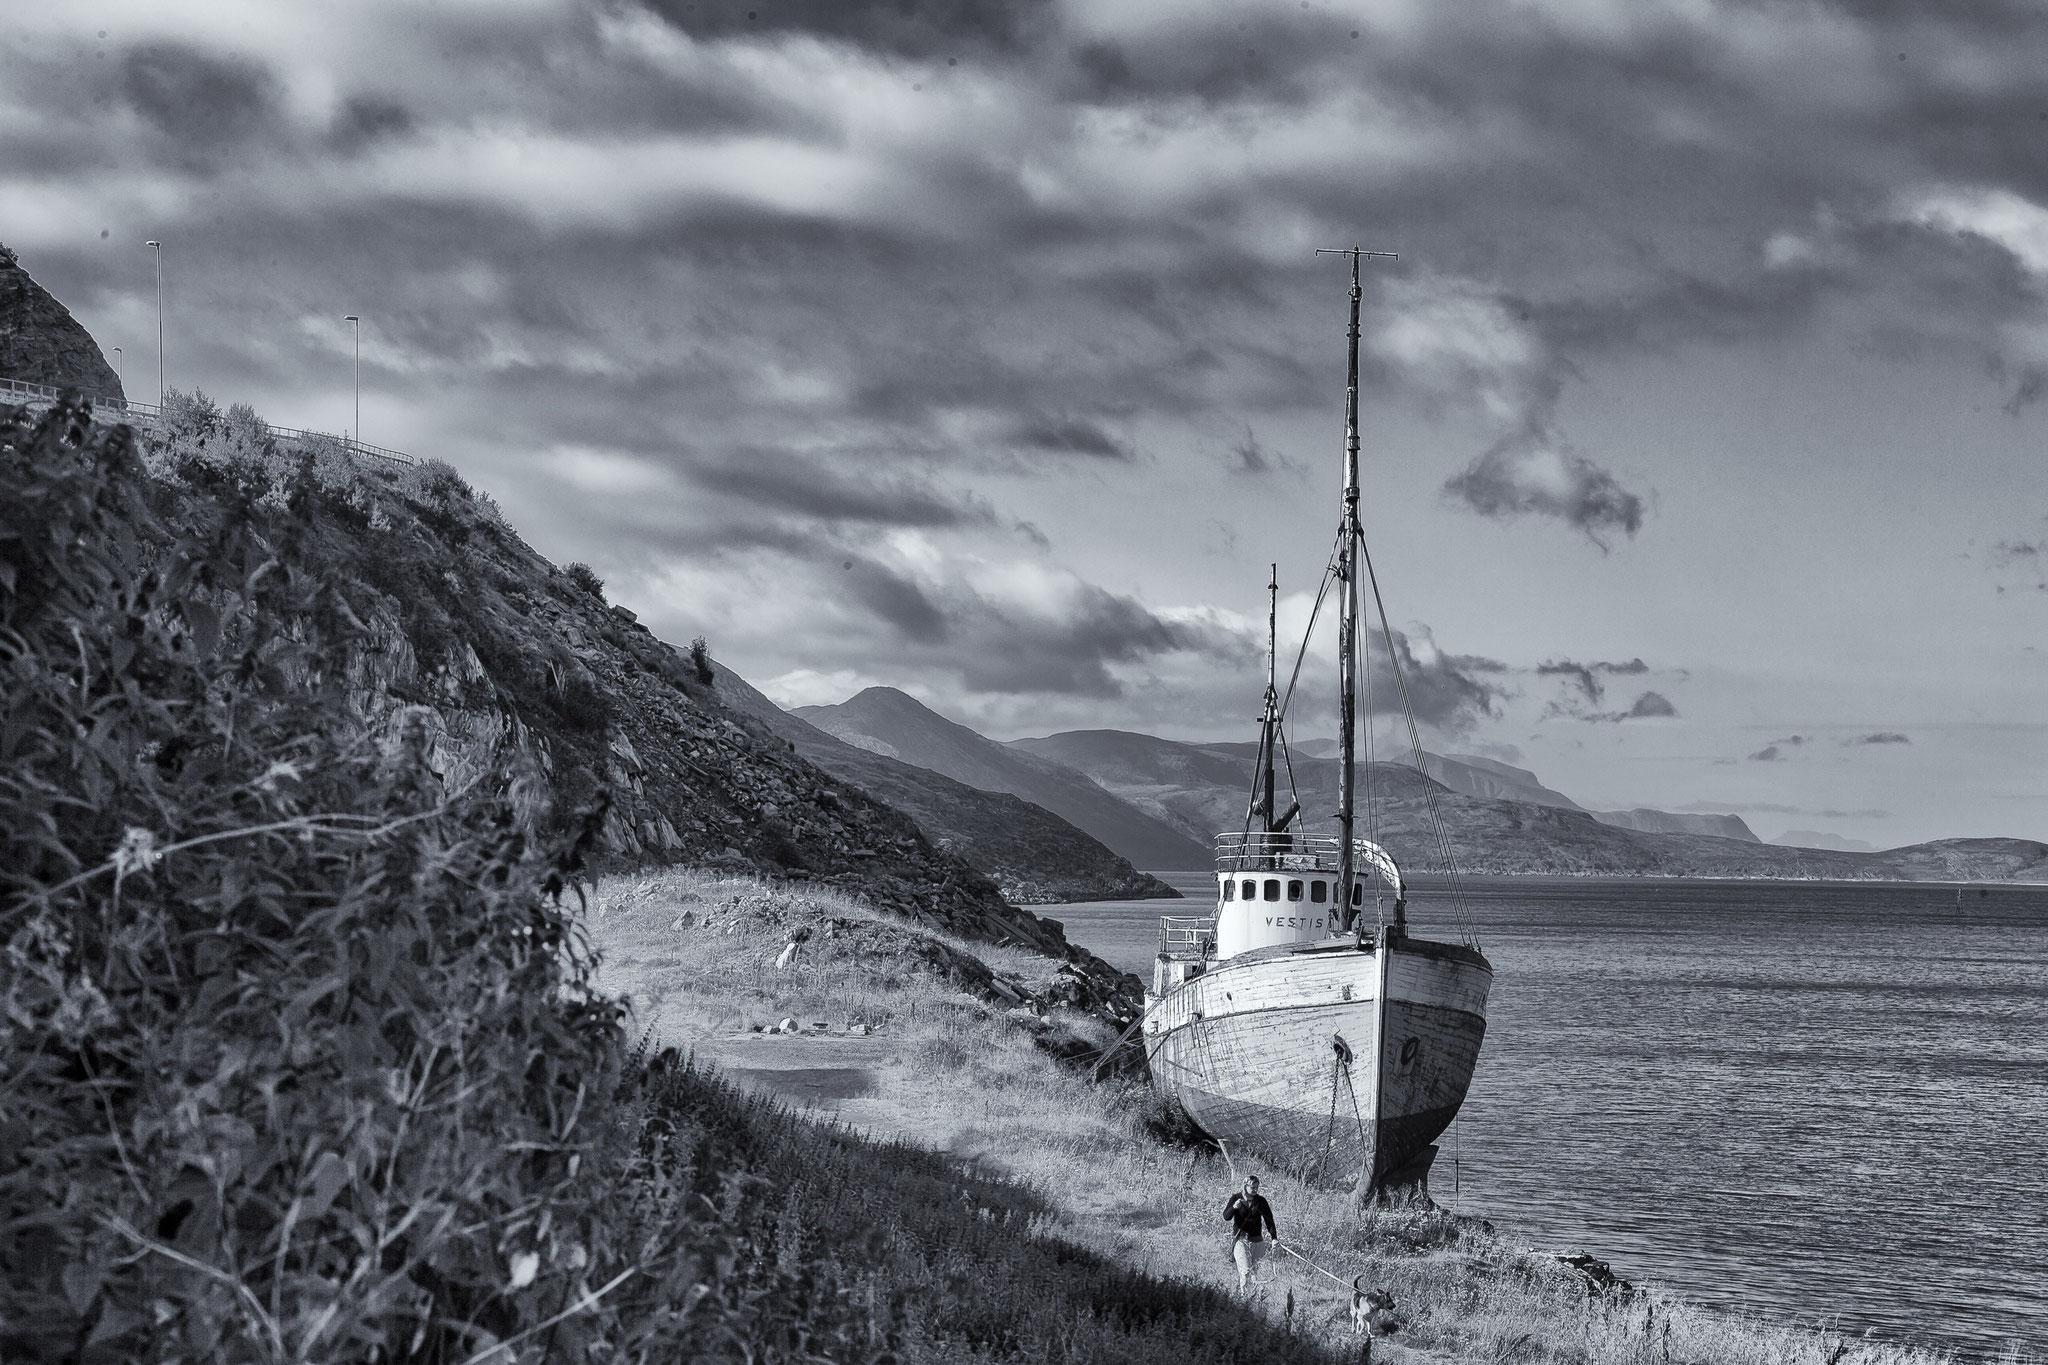 © Hans G. Lehmann | Einsamer Strand mit Boot, Hammerfest, Norwegen